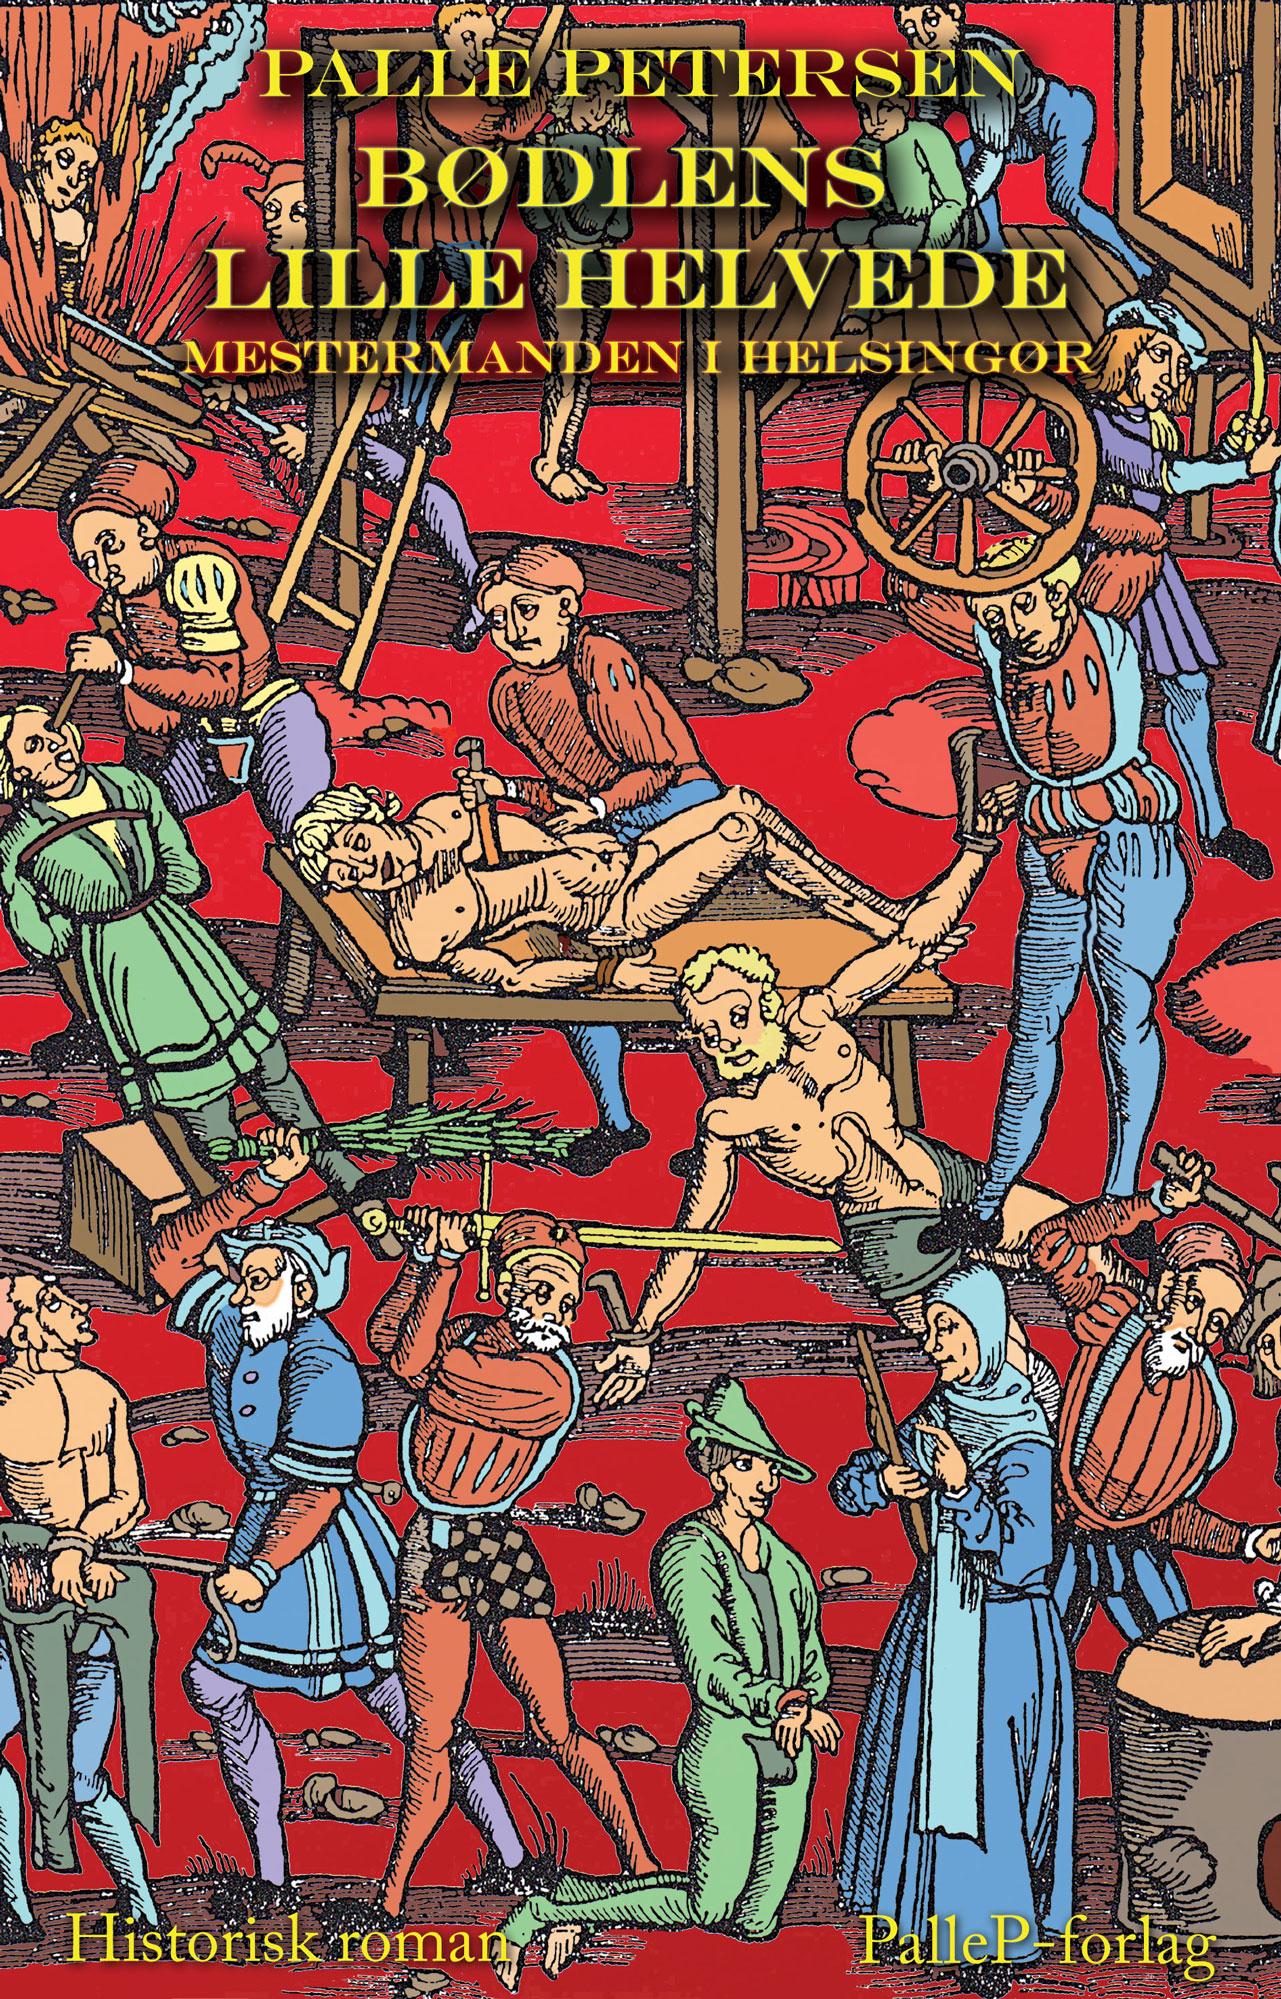 N/A Bødlens lille helvede - mestermanden i helsingør - e-bog på bog & mystik